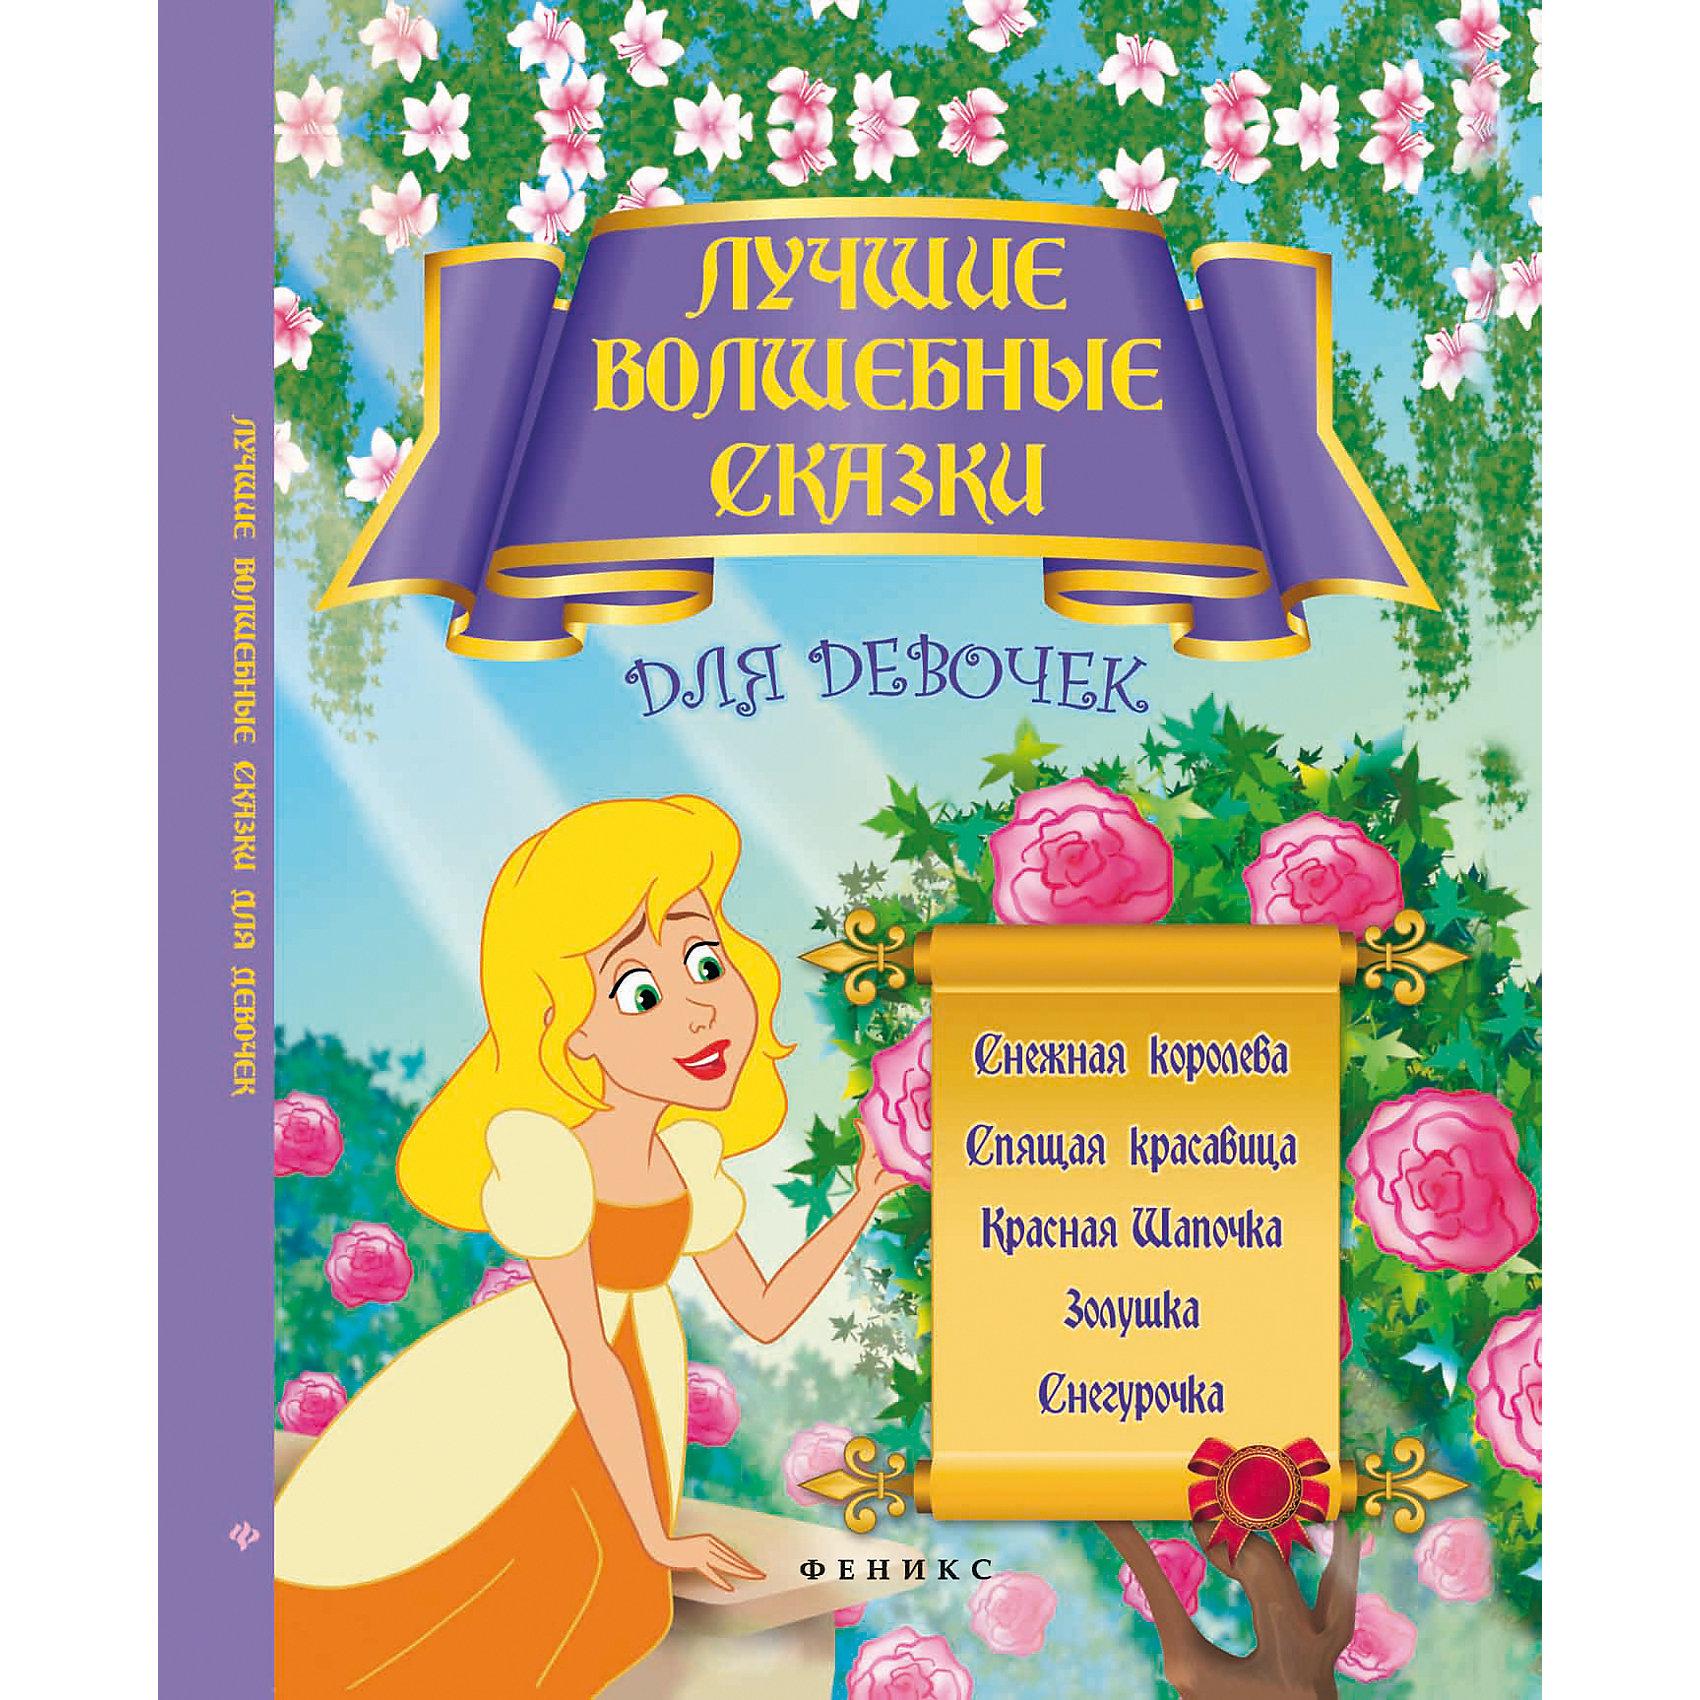 Лучшие волшебные сказки для девочекЗарубежные сказки<br>Книга Лучшие волшебные сказки для девочек предназначена специально для девочек, ведь каждая из них мечтает попасть в волшебную страну и стать настоящей принцессой! В книге собраны самые популярные и любимые волшебные сказки: Снежная королева, Спящая<br>красавица, Красная шапочка, Золушка, Снегурочка. Сказки сопровождаются красочными цветными иллюстрациями.<br><br><br>Дополнительная информация:<br><br>- Художник: Н. А. Мелентьева. <br>- Обложка: твердая.<br>- Иллюстрации: цветные.<br>- Объем: 95 стр.<br>- Размер: 26,8 x 1 x 21 см.<br>- Вес: 0,488 кг.<br><br>Книгу Лучшие волшебные сказки для девочек, Феникс-Премьер, можно купить в нашем интернет-магазине.<br><br>Ширина мм: 268<br>Глубина мм: 210<br>Высота мм: 10<br>Вес г: 6108<br>Возраст от месяцев: 12<br>Возраст до месяцев: 144<br>Пол: Унисекс<br>Возраст: Детский<br>SKU: 4770009